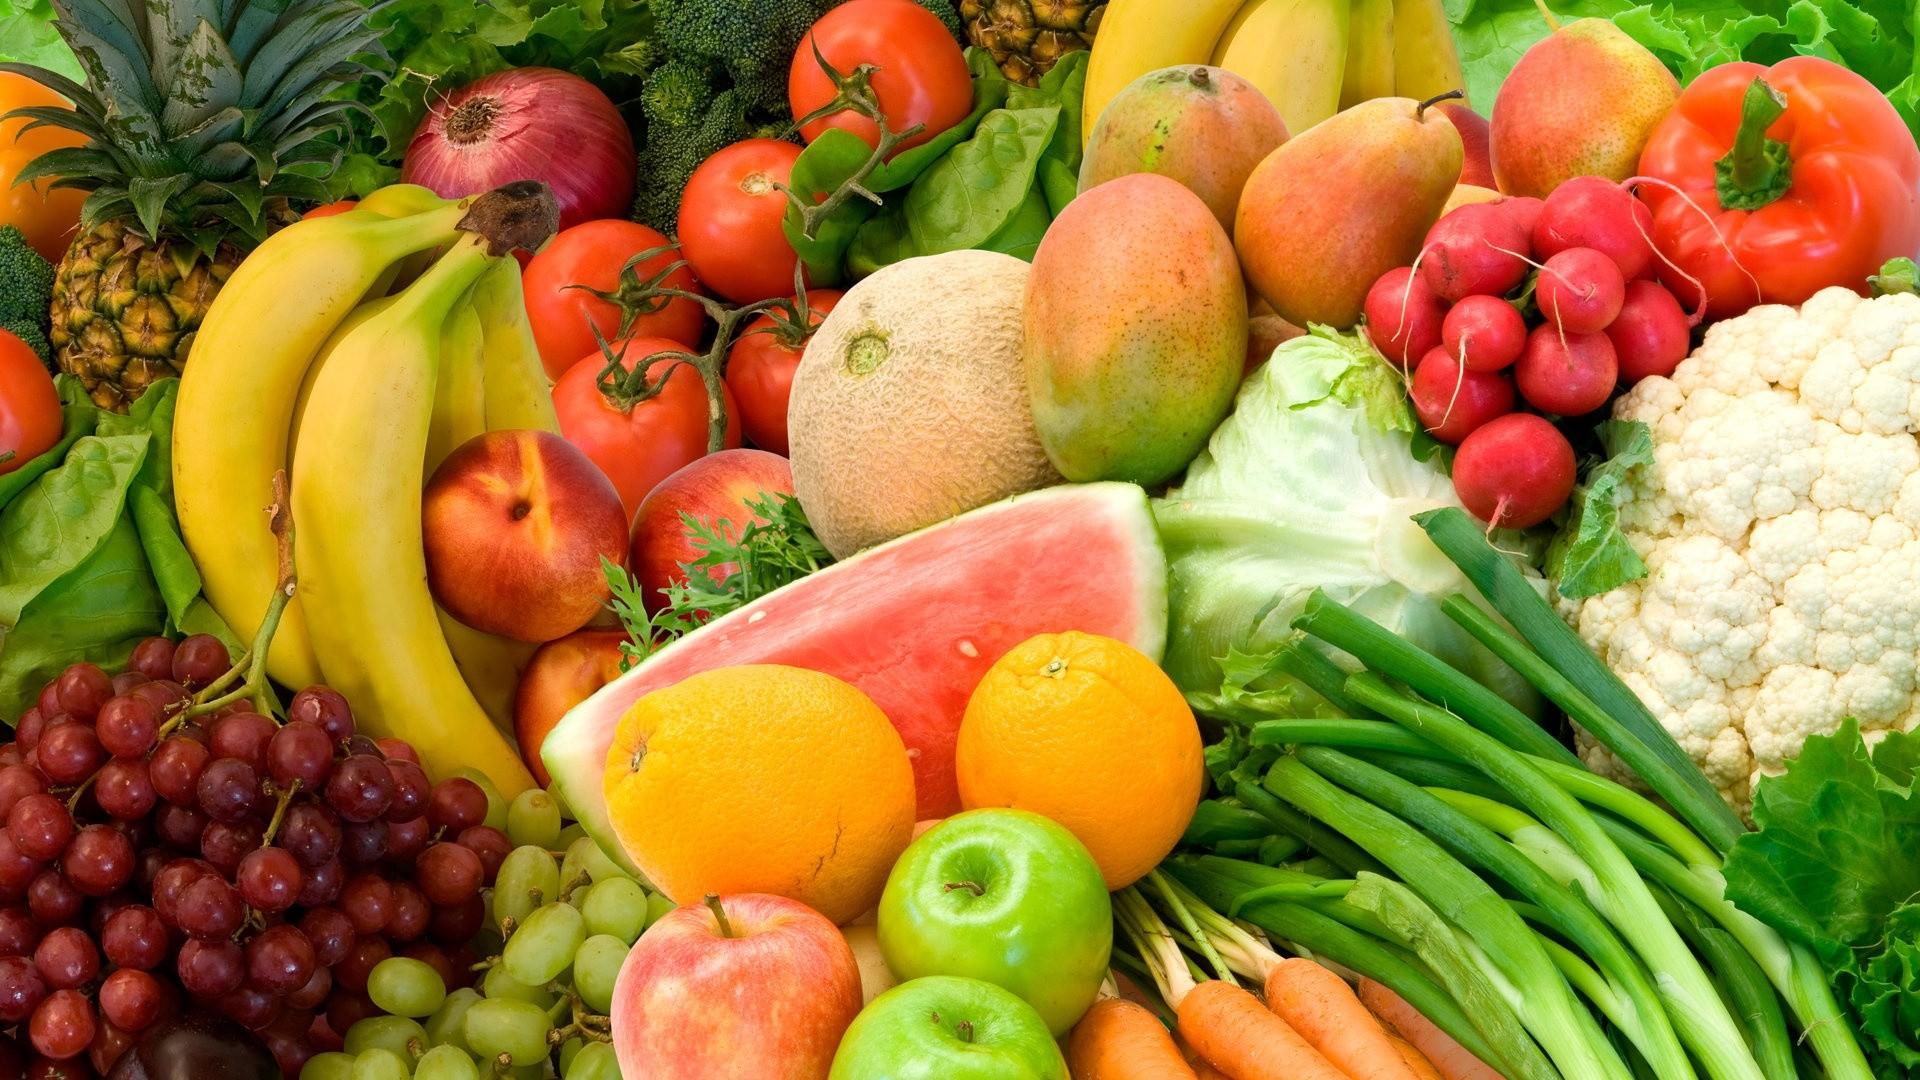 Frutas tropicales - 1920x1080